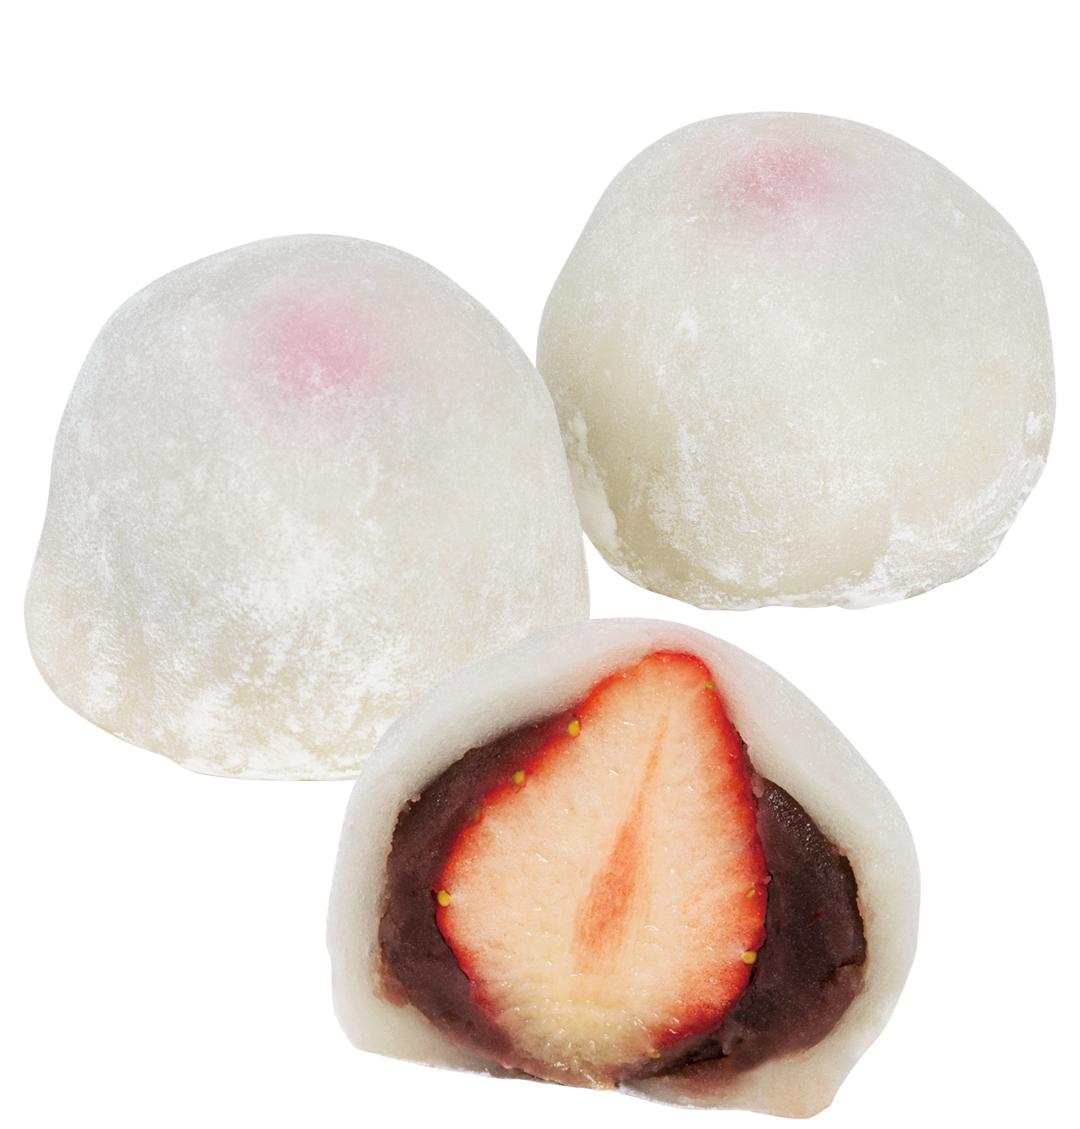 優愛が夢中のいちごスイーツって?♡ 【新川優愛のYou are my sweets!】_1_2-1